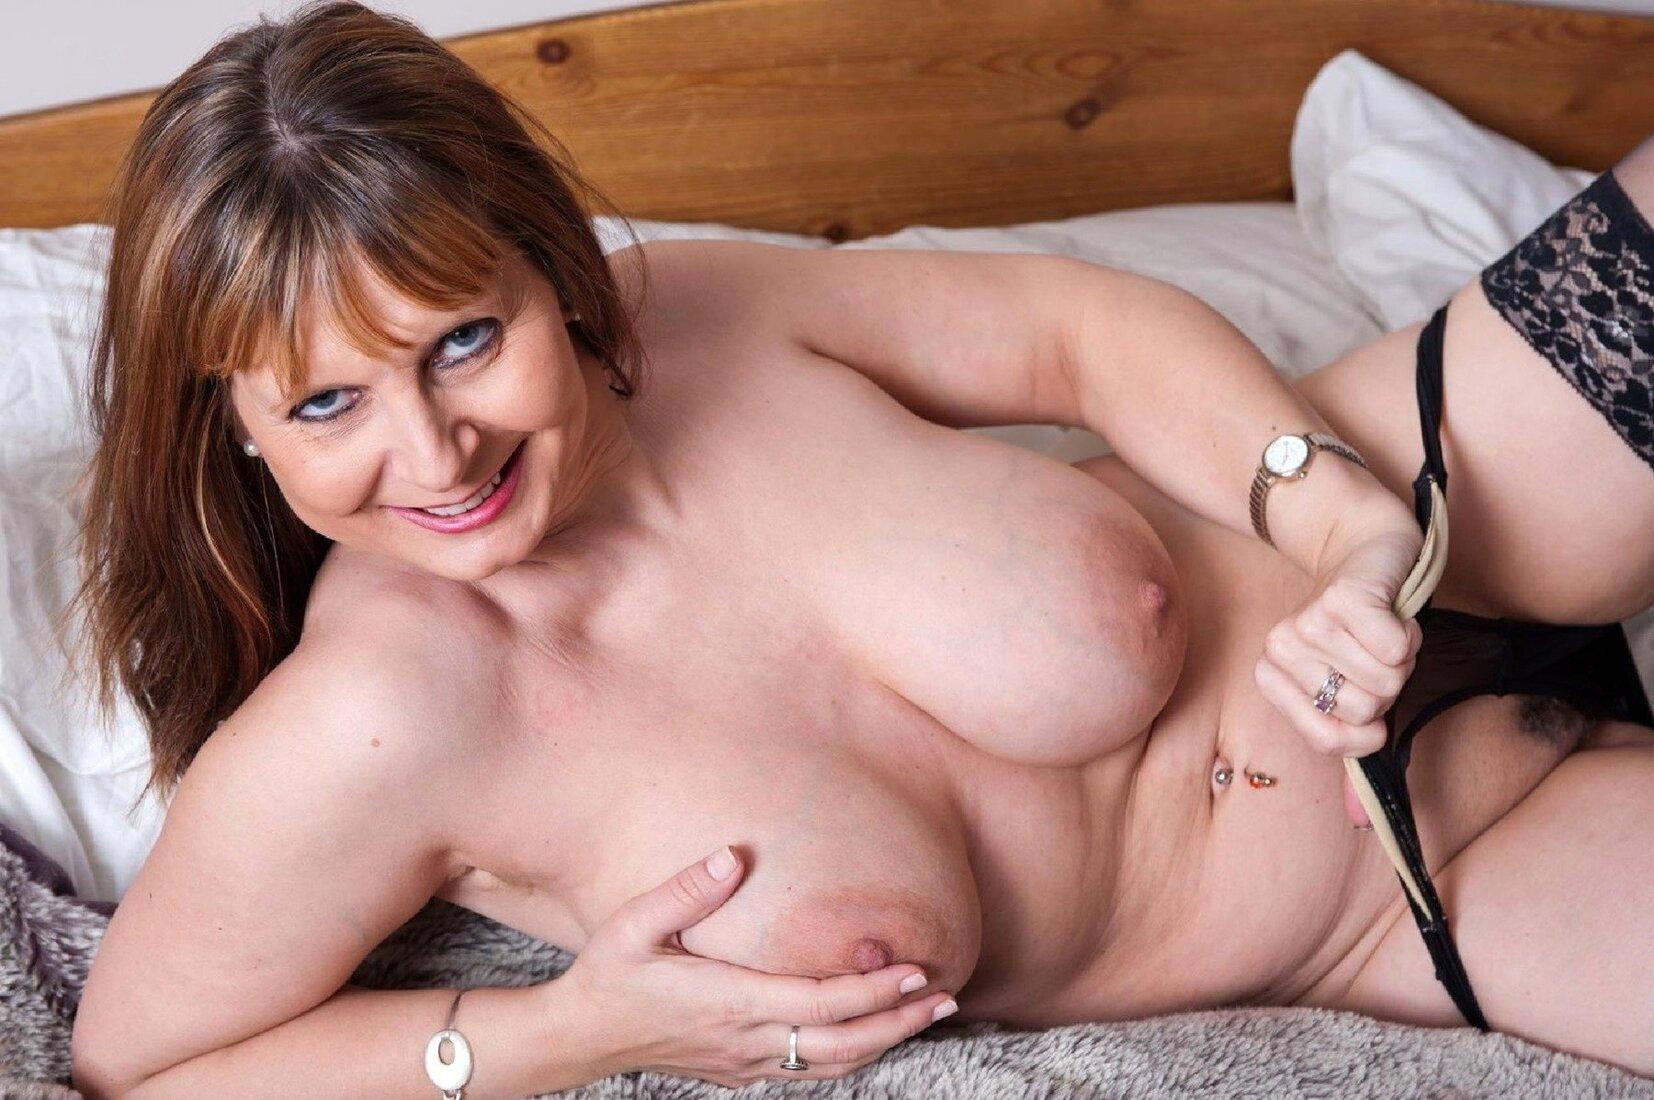 большие сиськи зрелых теток фото красивой женщины лежащей в кровати в черных чулках и рукой отягивающей трусики, в пупке пирсинг.